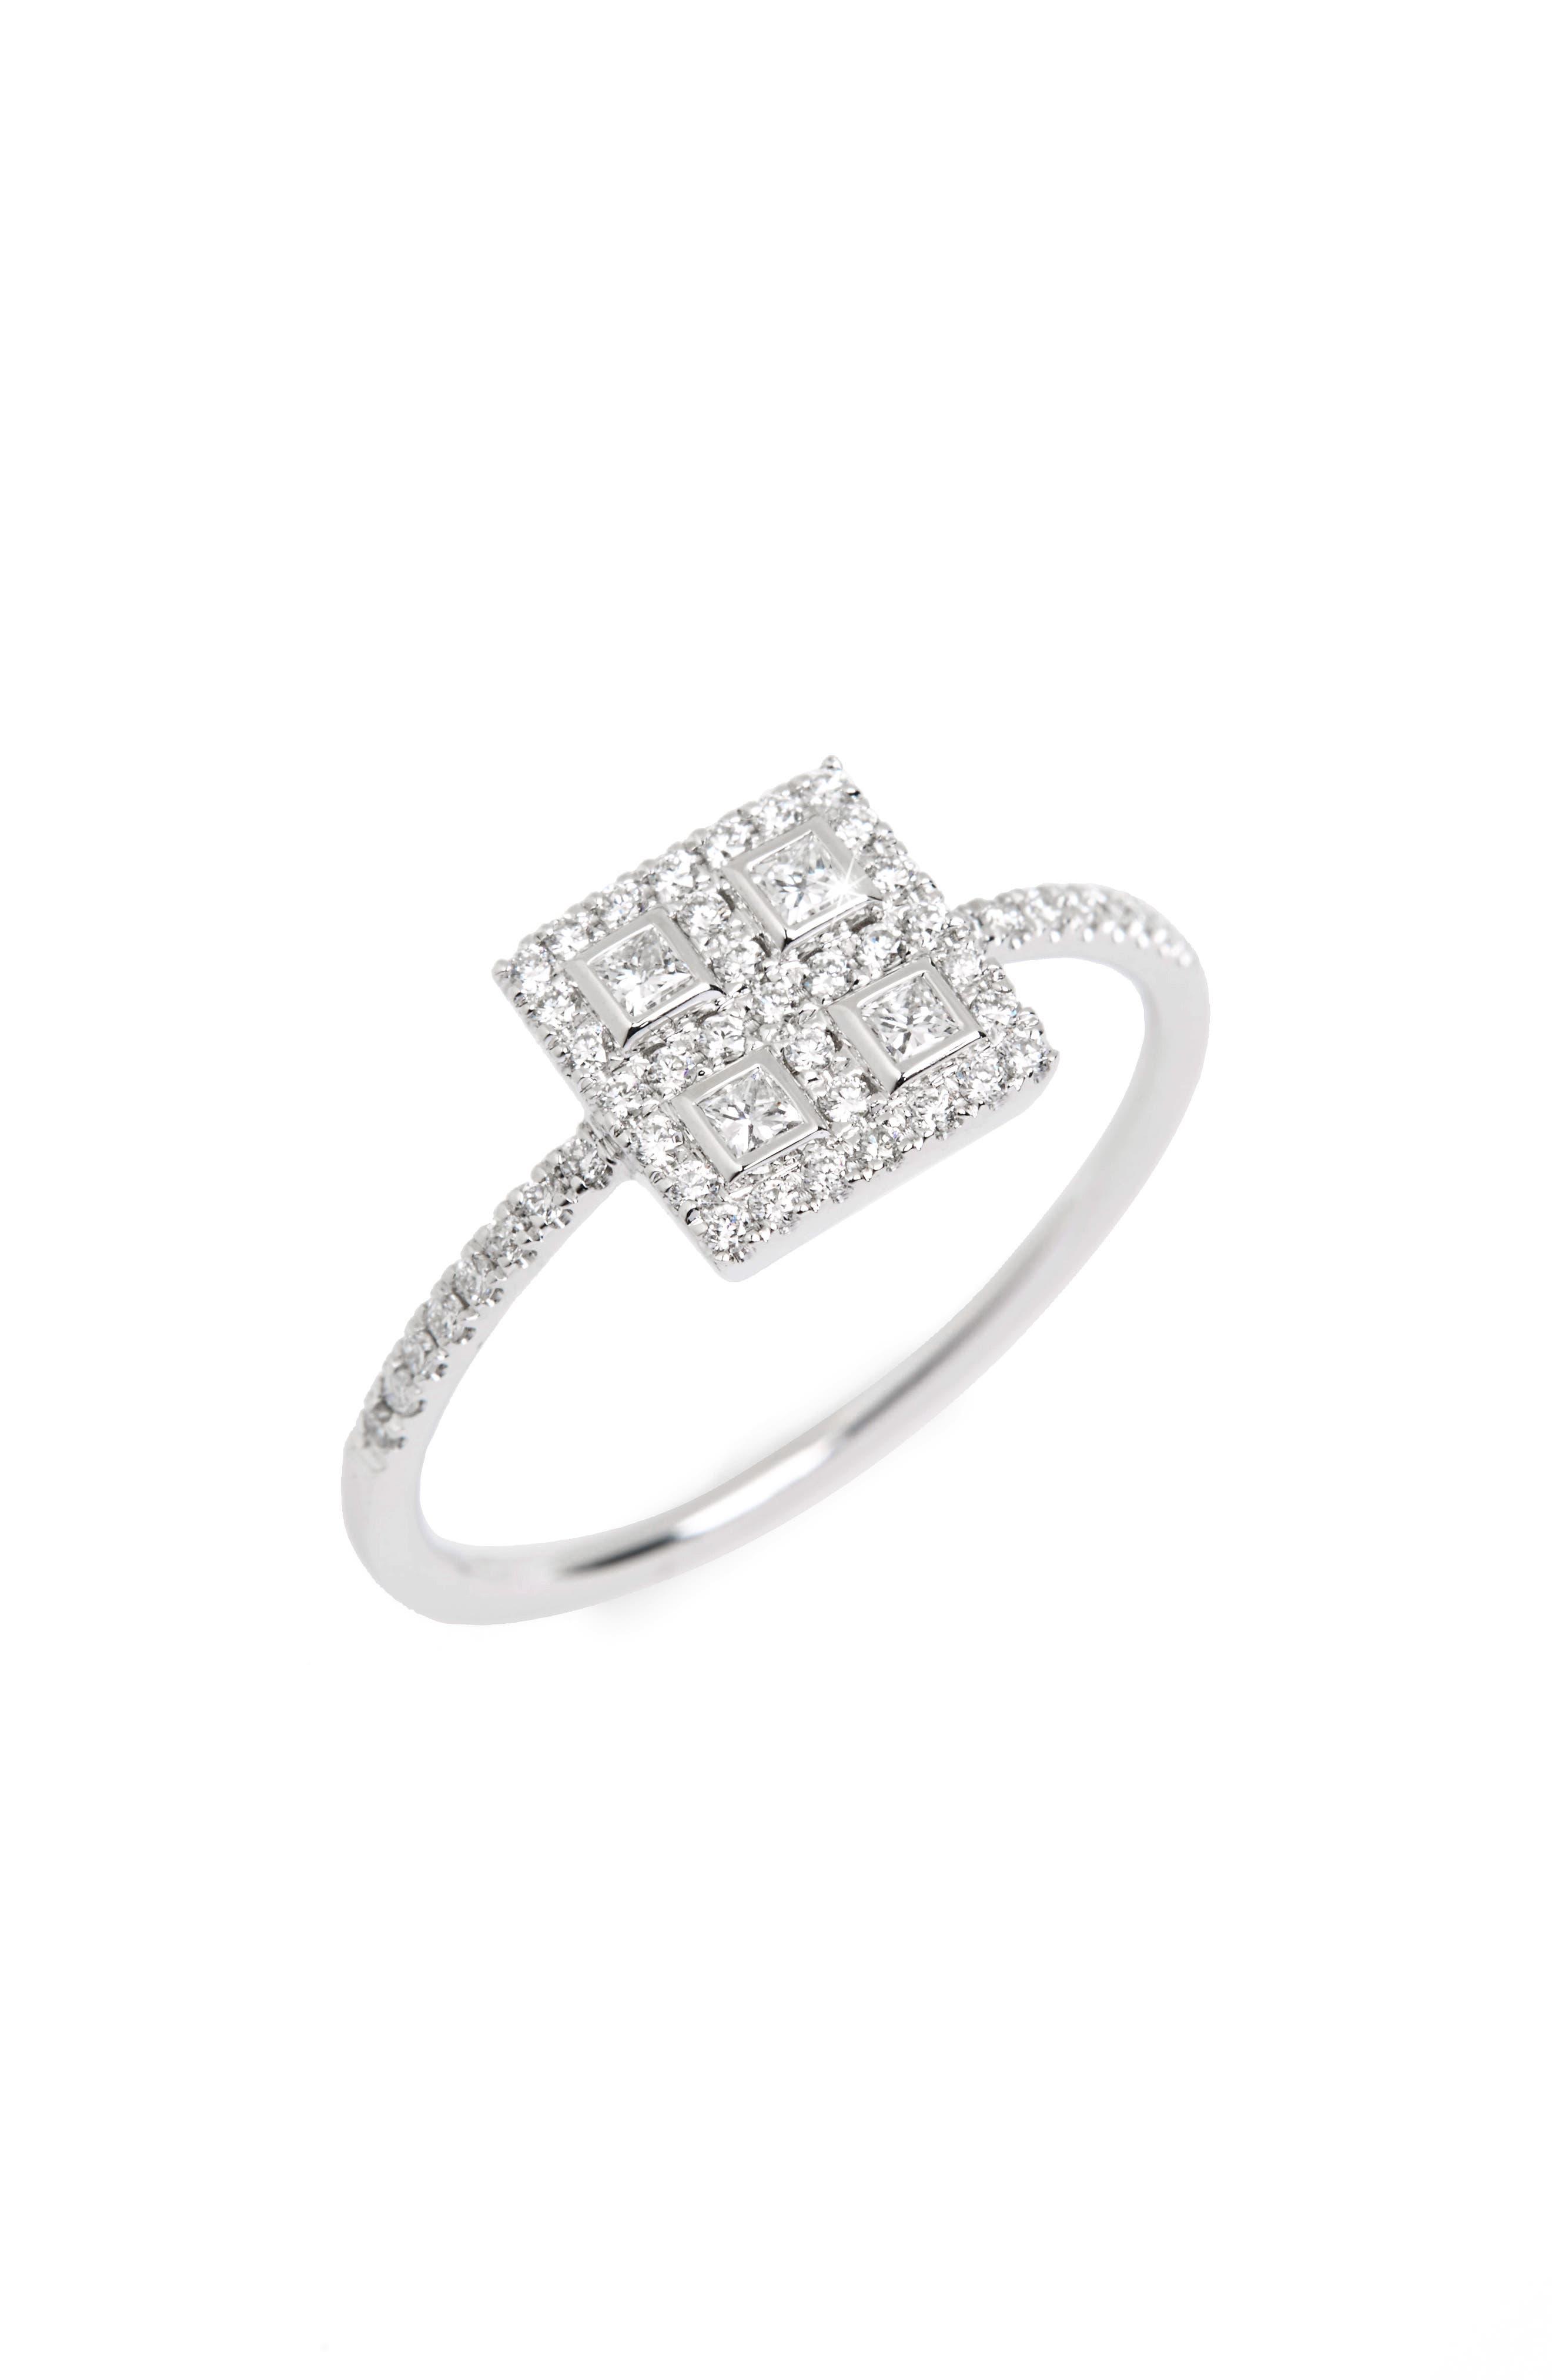 Amara Diamond Square Ring,                             Main thumbnail 1, color,                             White Gold